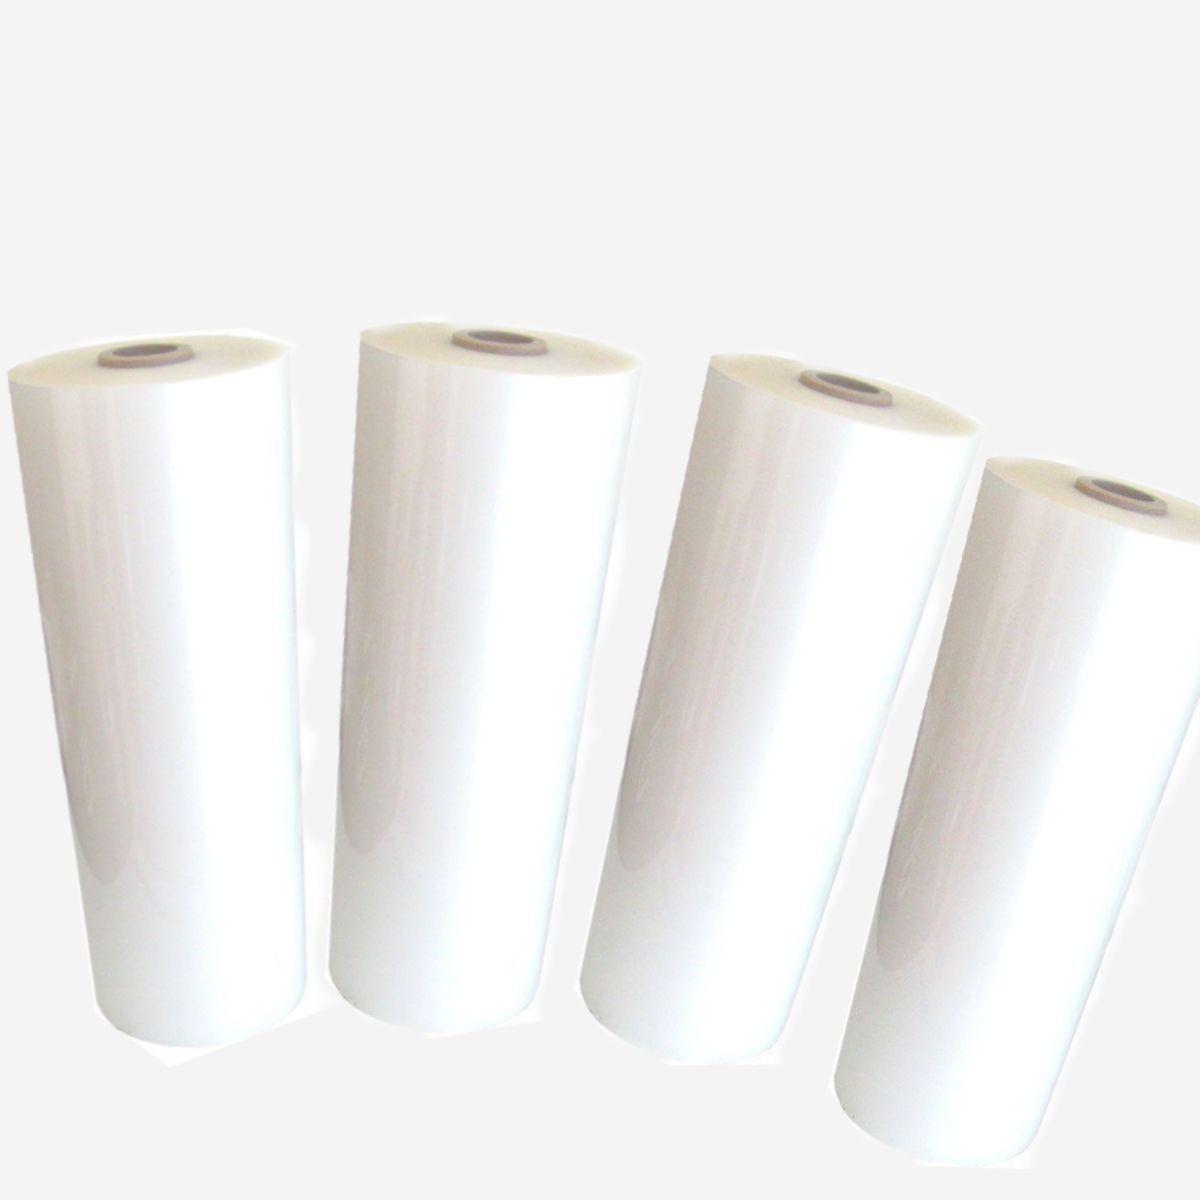 Kit de Bobinas para Plastificação A3 04 bobinas